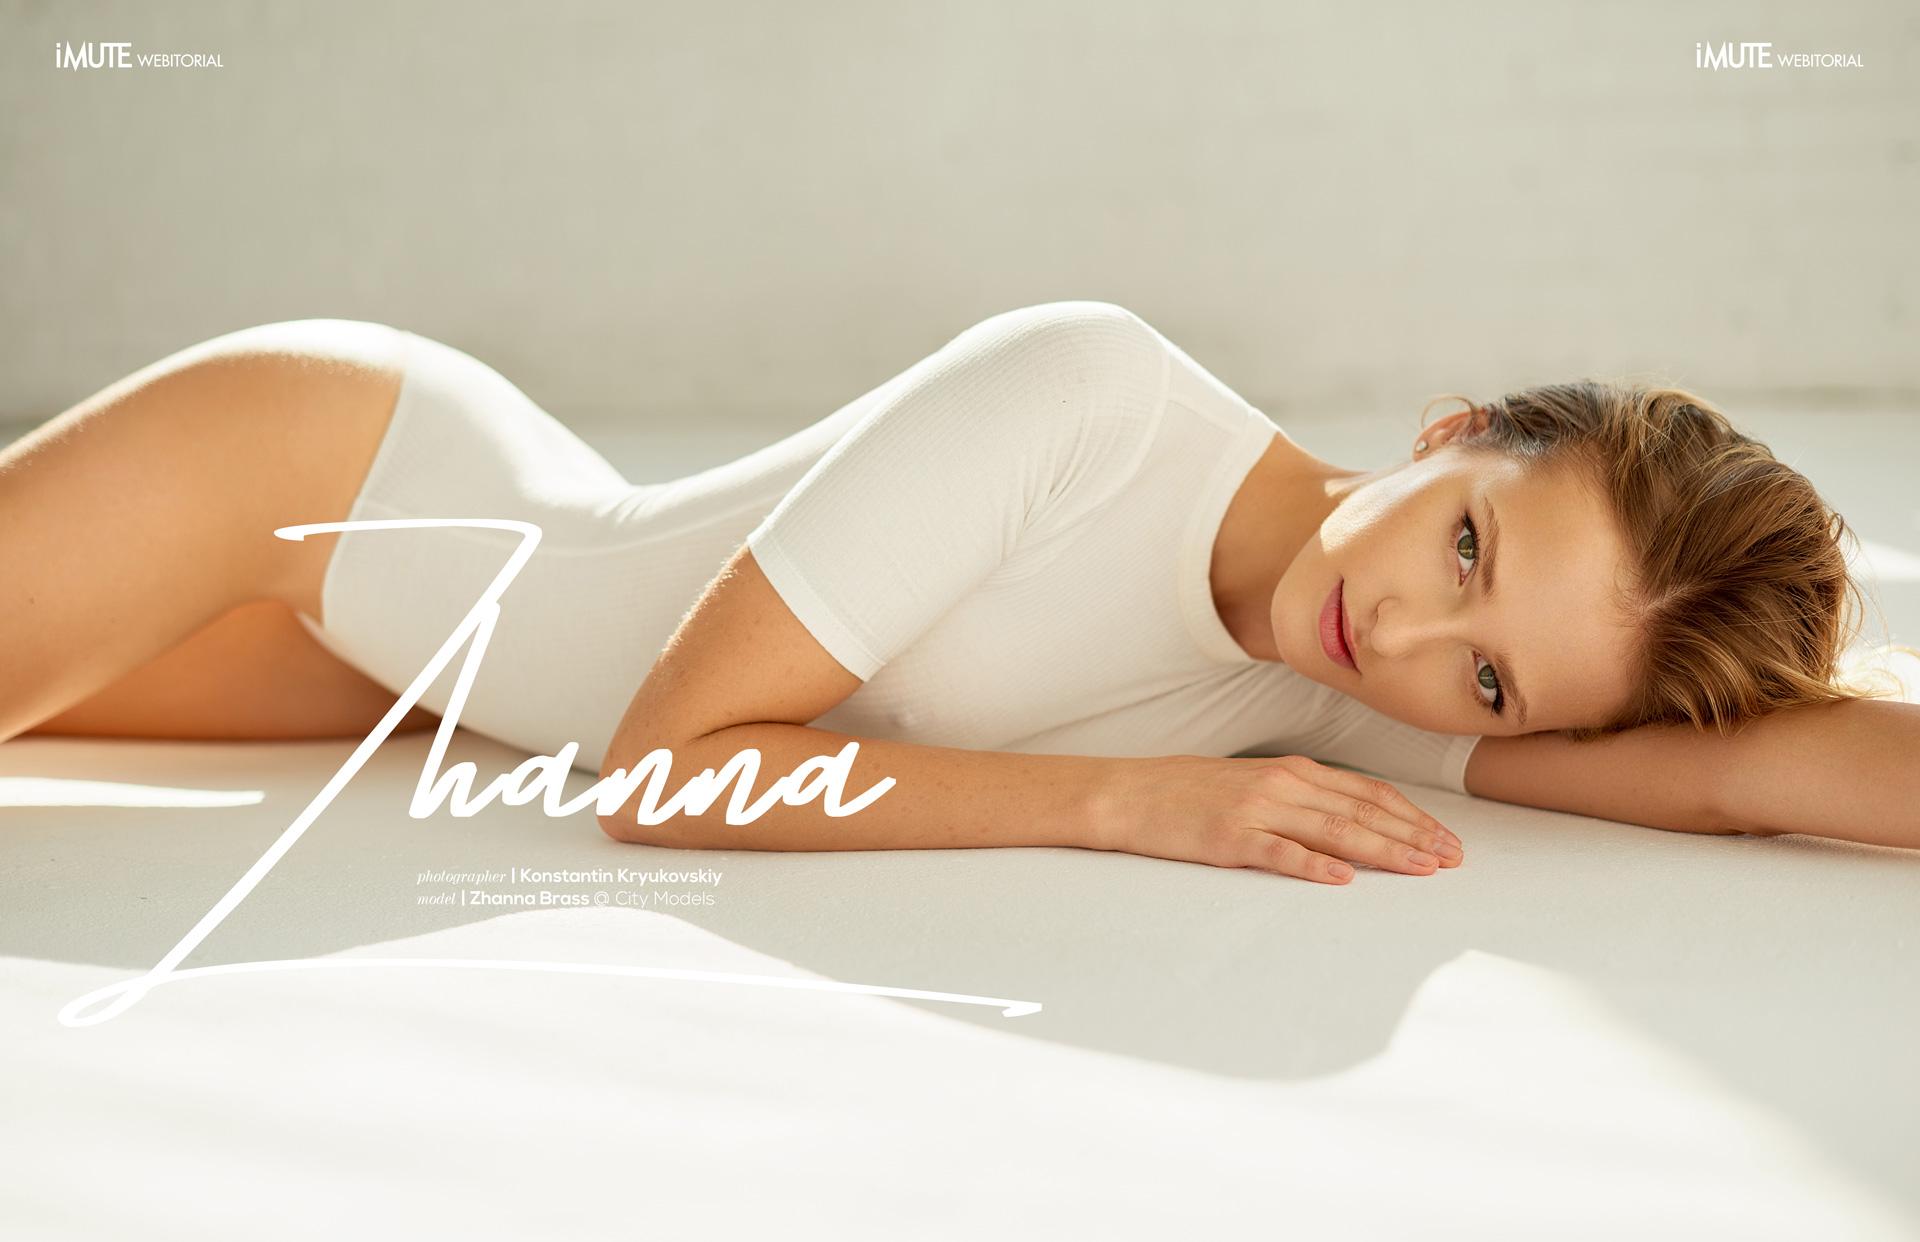 Zhanna webitorial for iMute Magazine Photographer | Konstantin Kryukovskiy Model | Zhanna Brass @ City Models